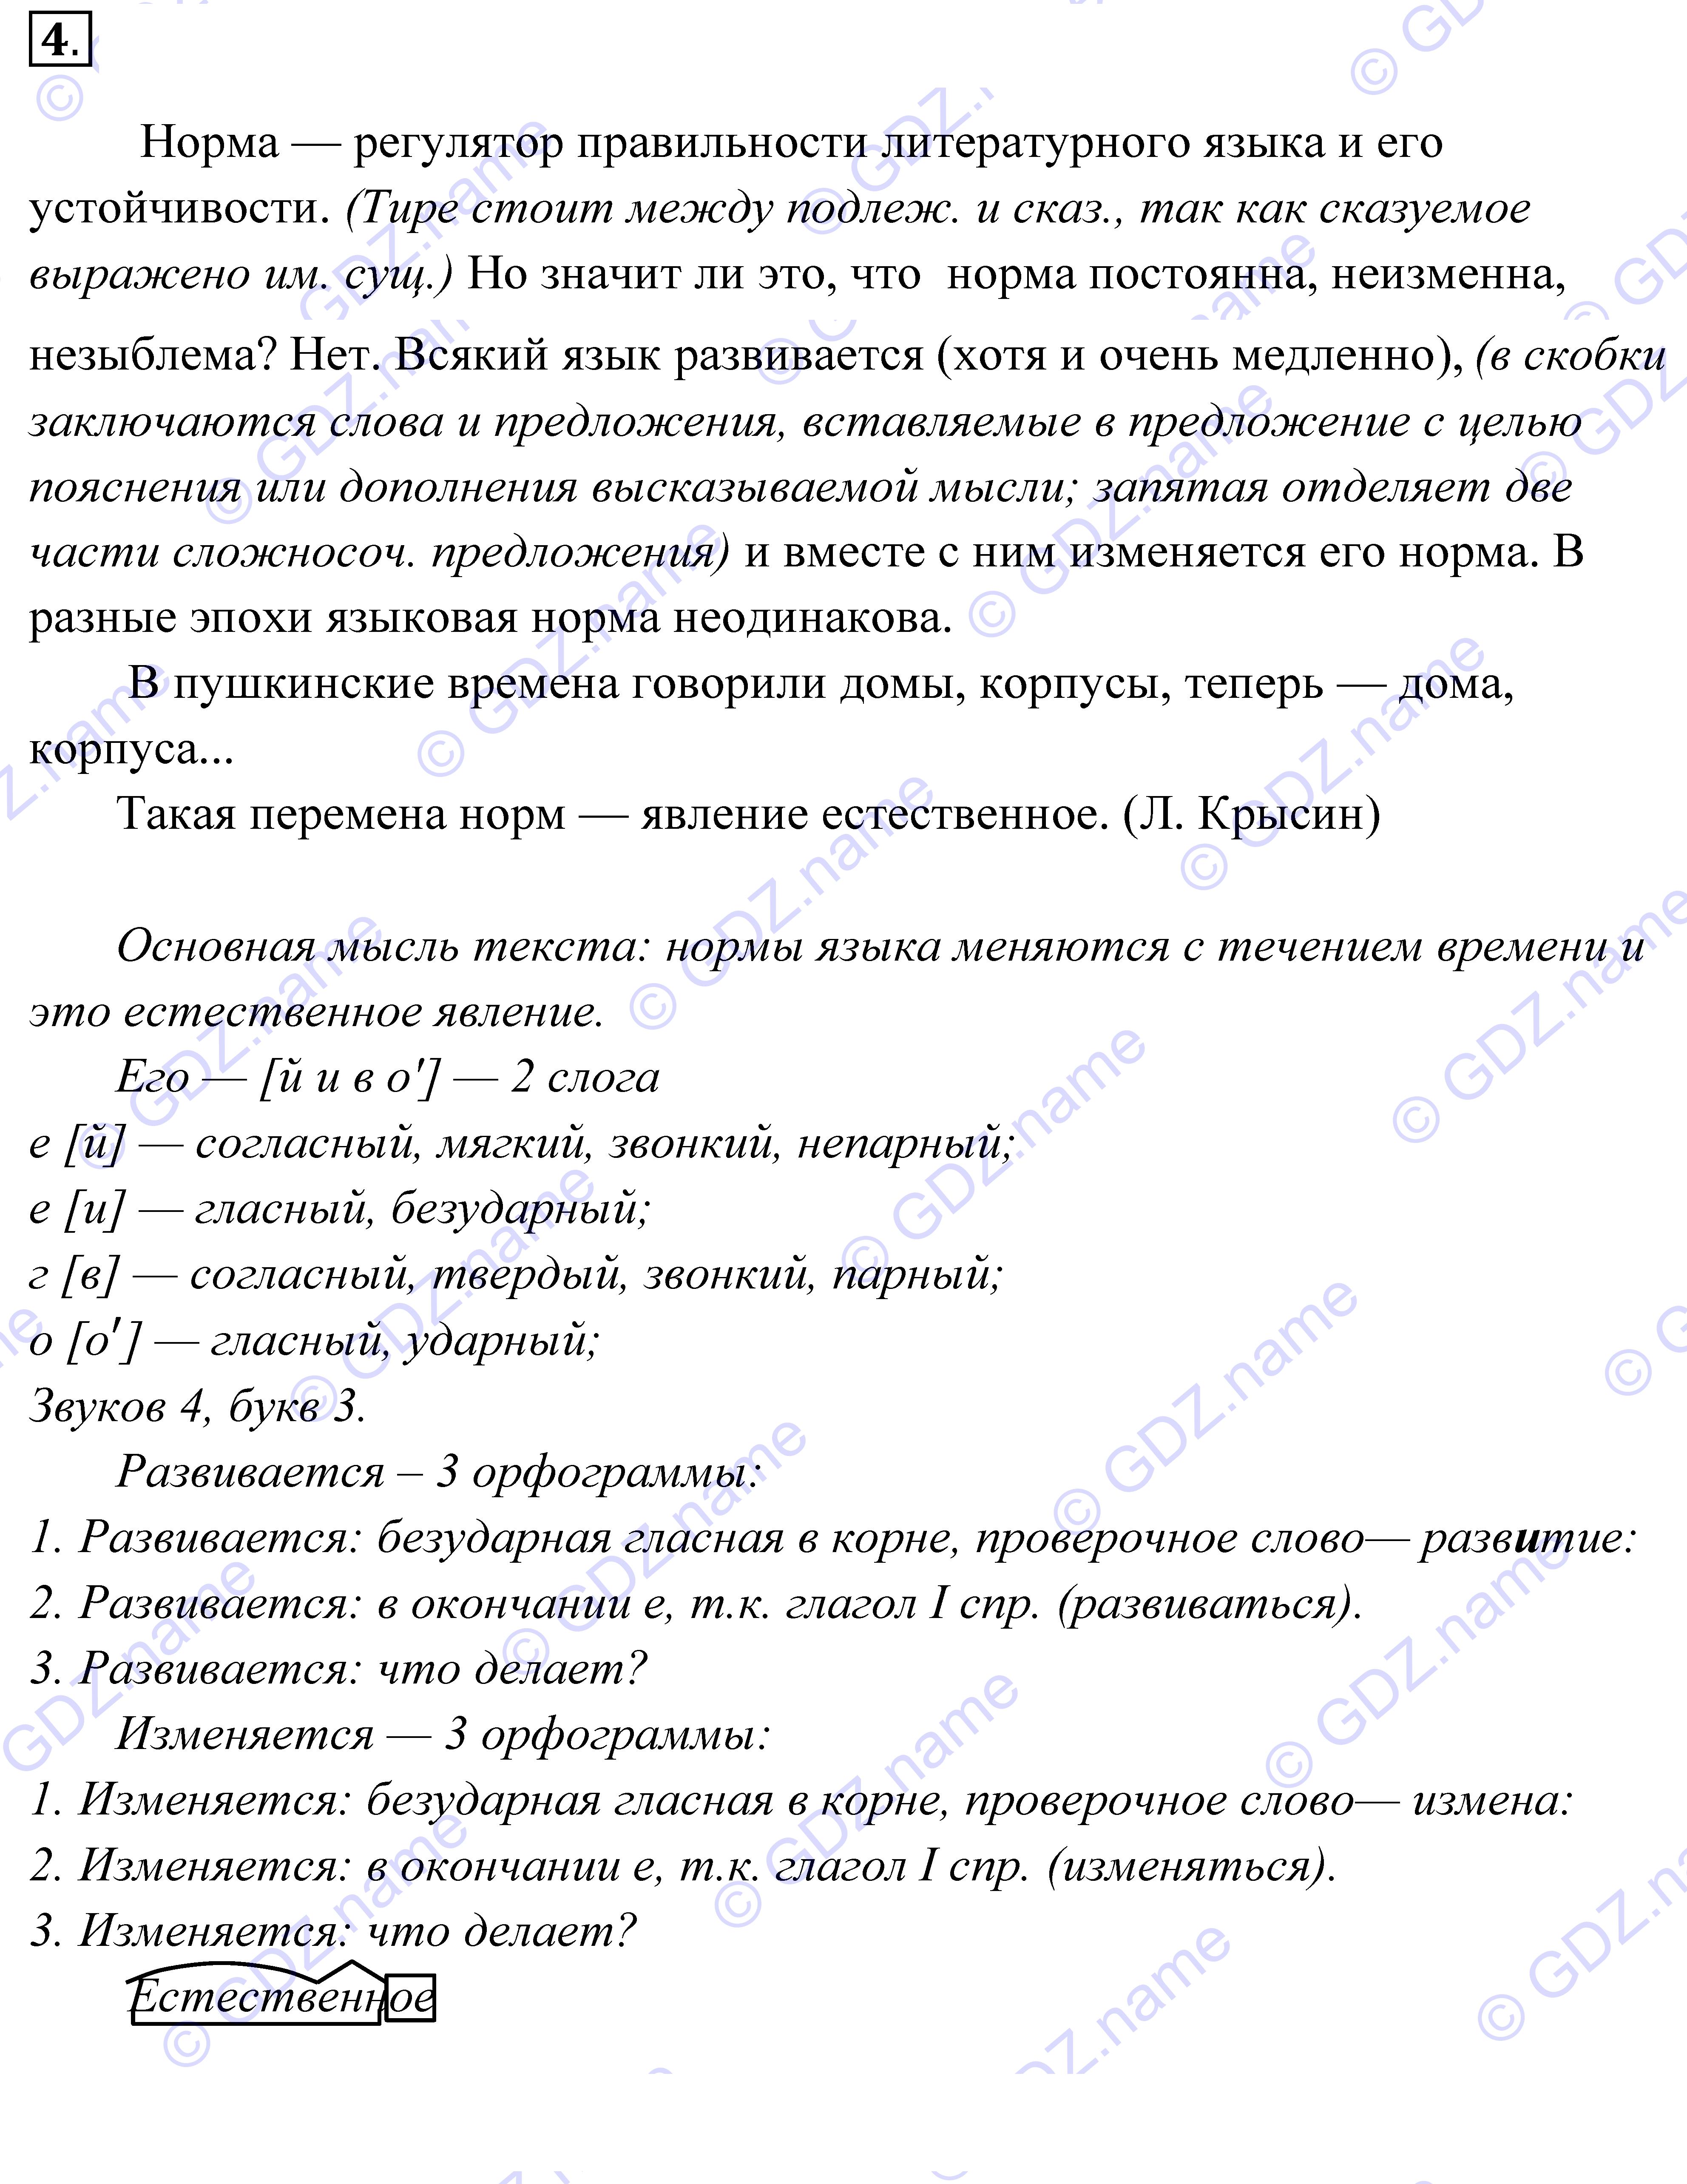 русский язык 7 класс практика пименова еремеева